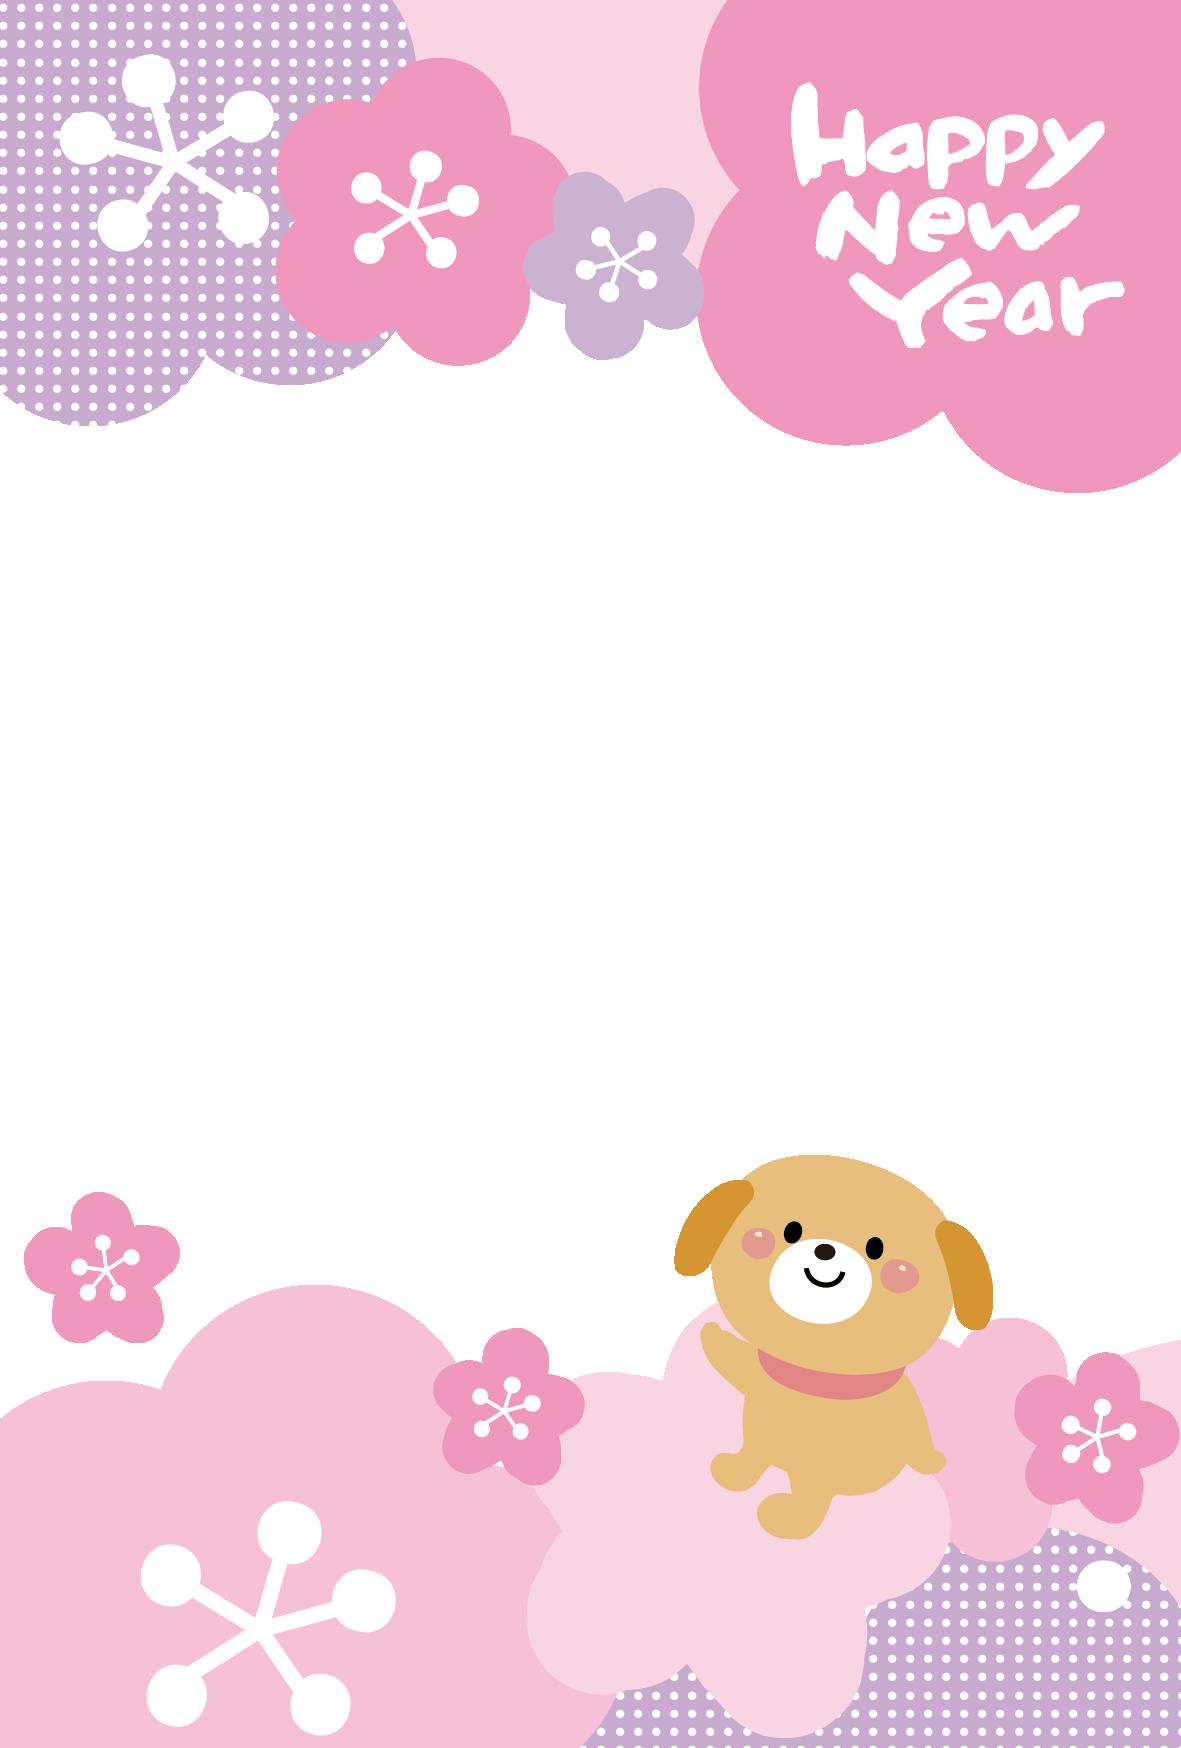 年賀状デザイン写真2018年/無料素材/かわいい犬と梅の花